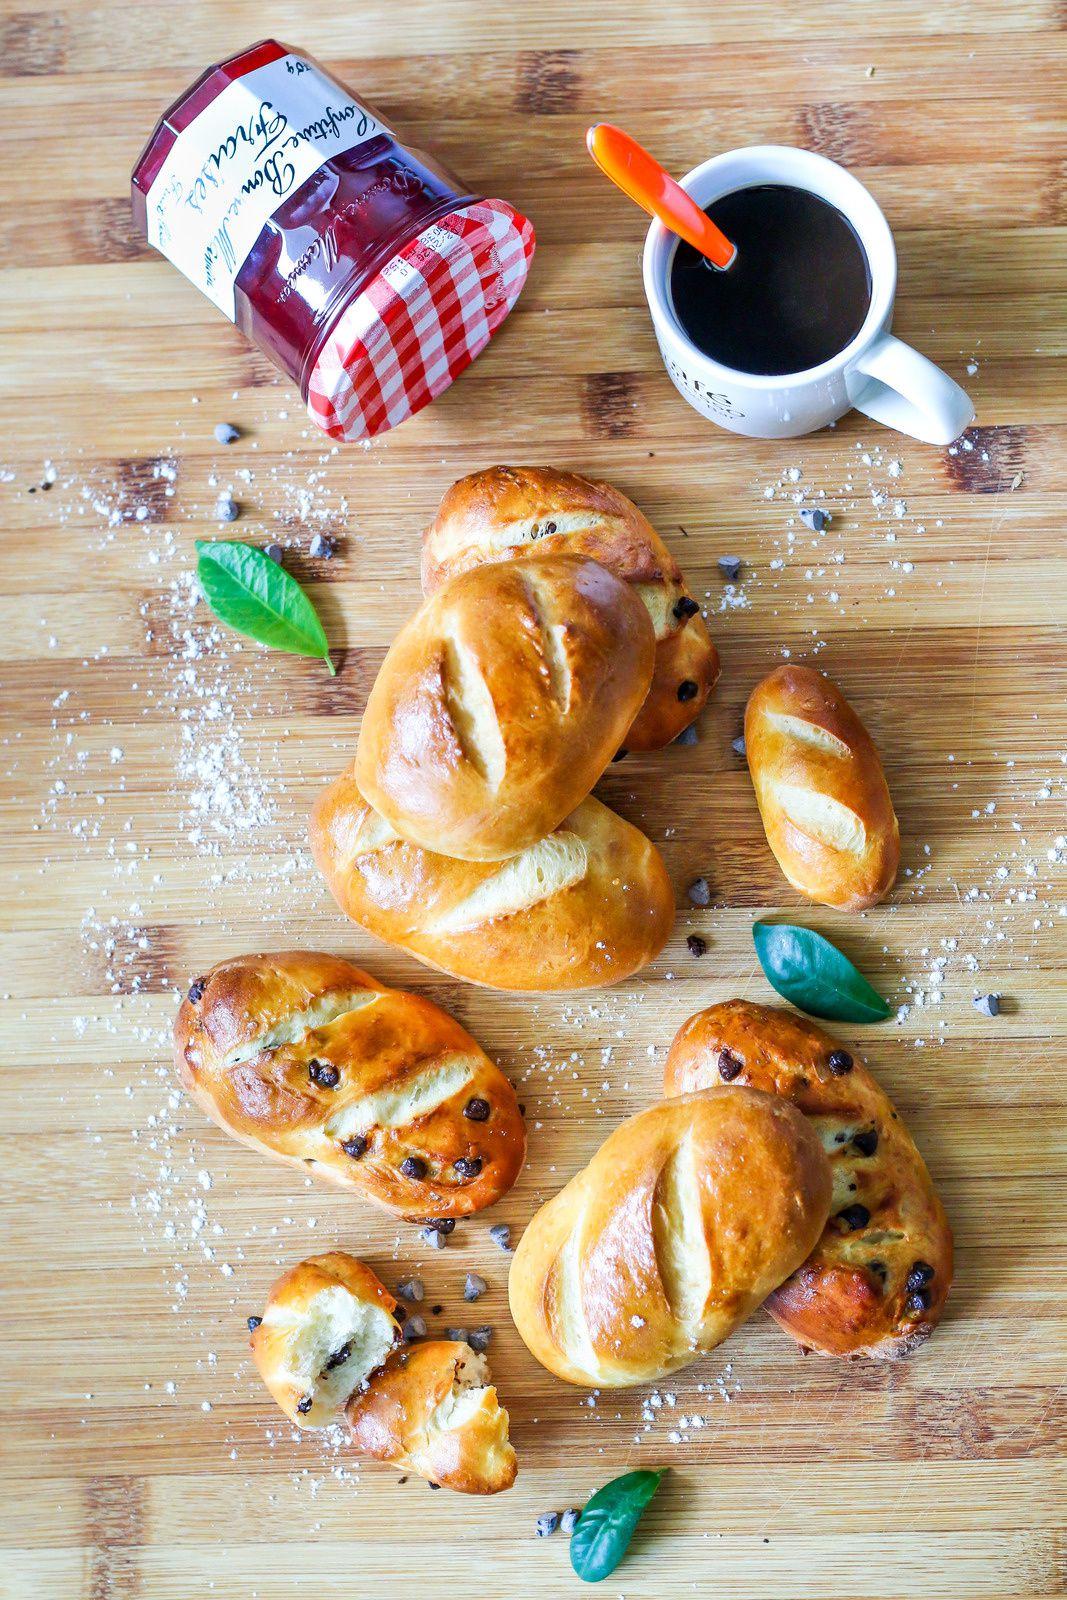 Petits pains au lait moelleux natures & au chocolat